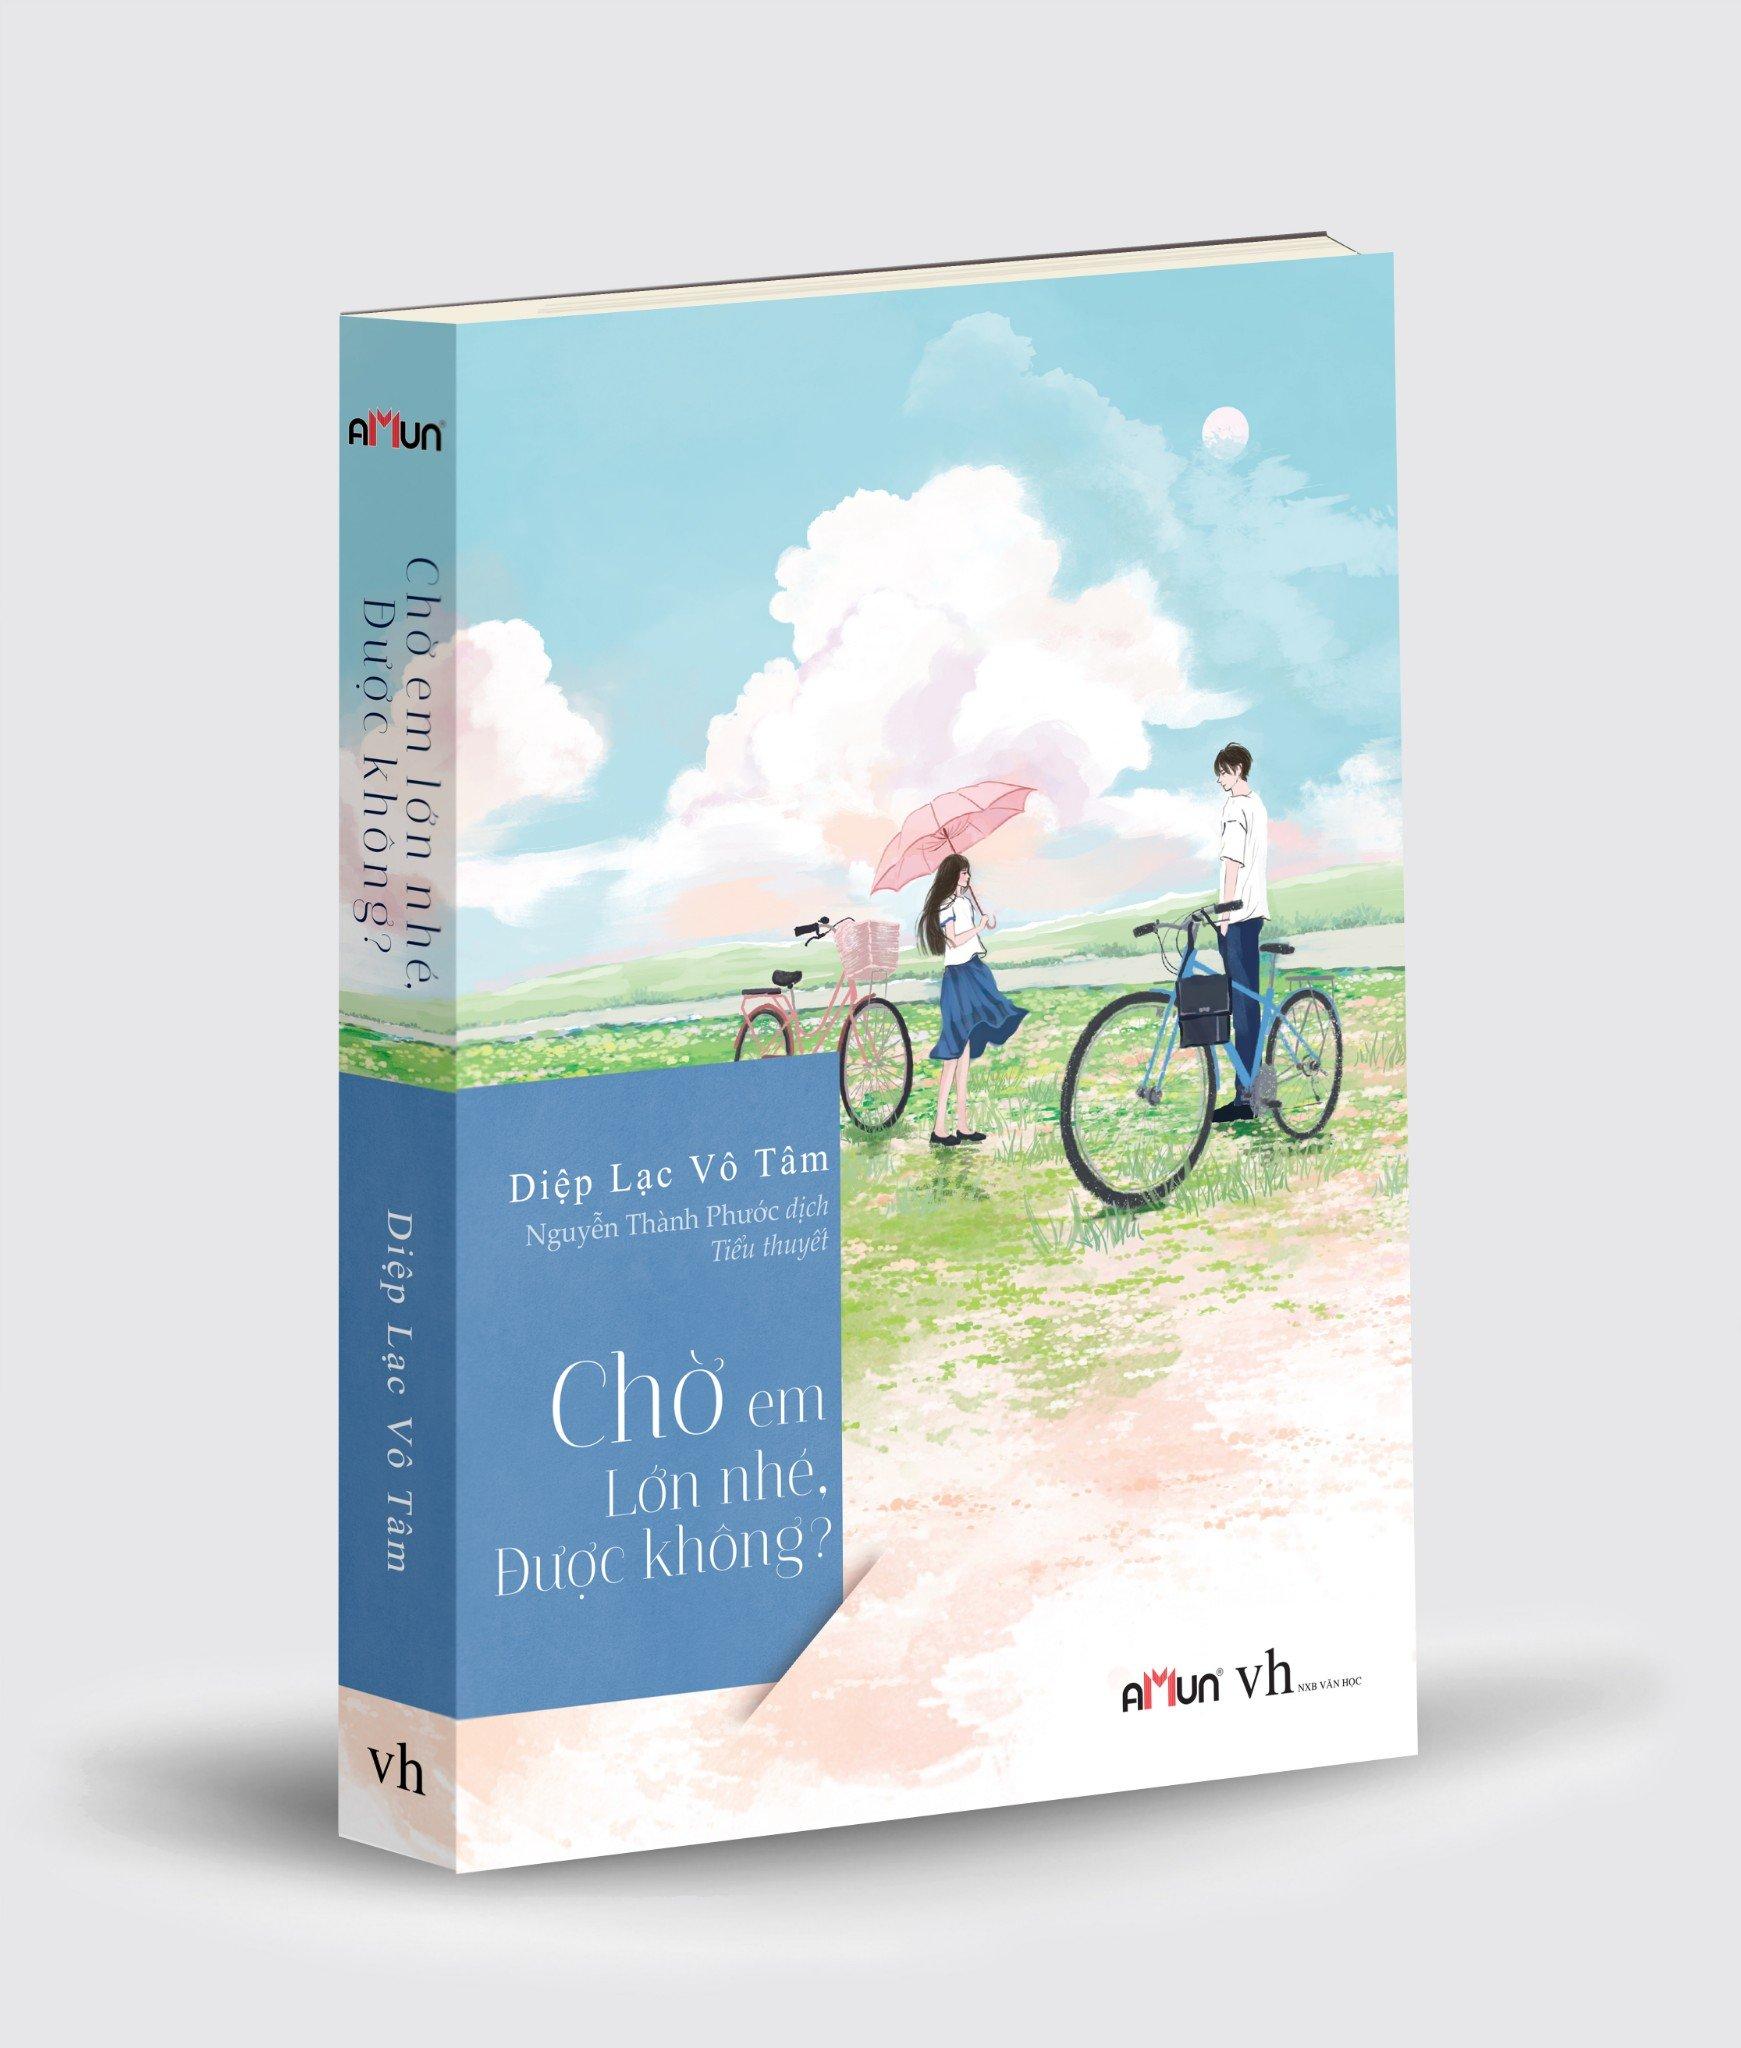 Combo Ngôn Tình Trung Quốc Hot Nhất Tháng: Nếu Không Là Tình Yêu + Chờ Em Lớn Nhé Được Không? (Bộ 2 Cuốn Sách Được Độc Gỉa Yêu Thích Nhất Của Diệp Lạc Vô Tâm / Tặng Kèm Bookmark Green Life)